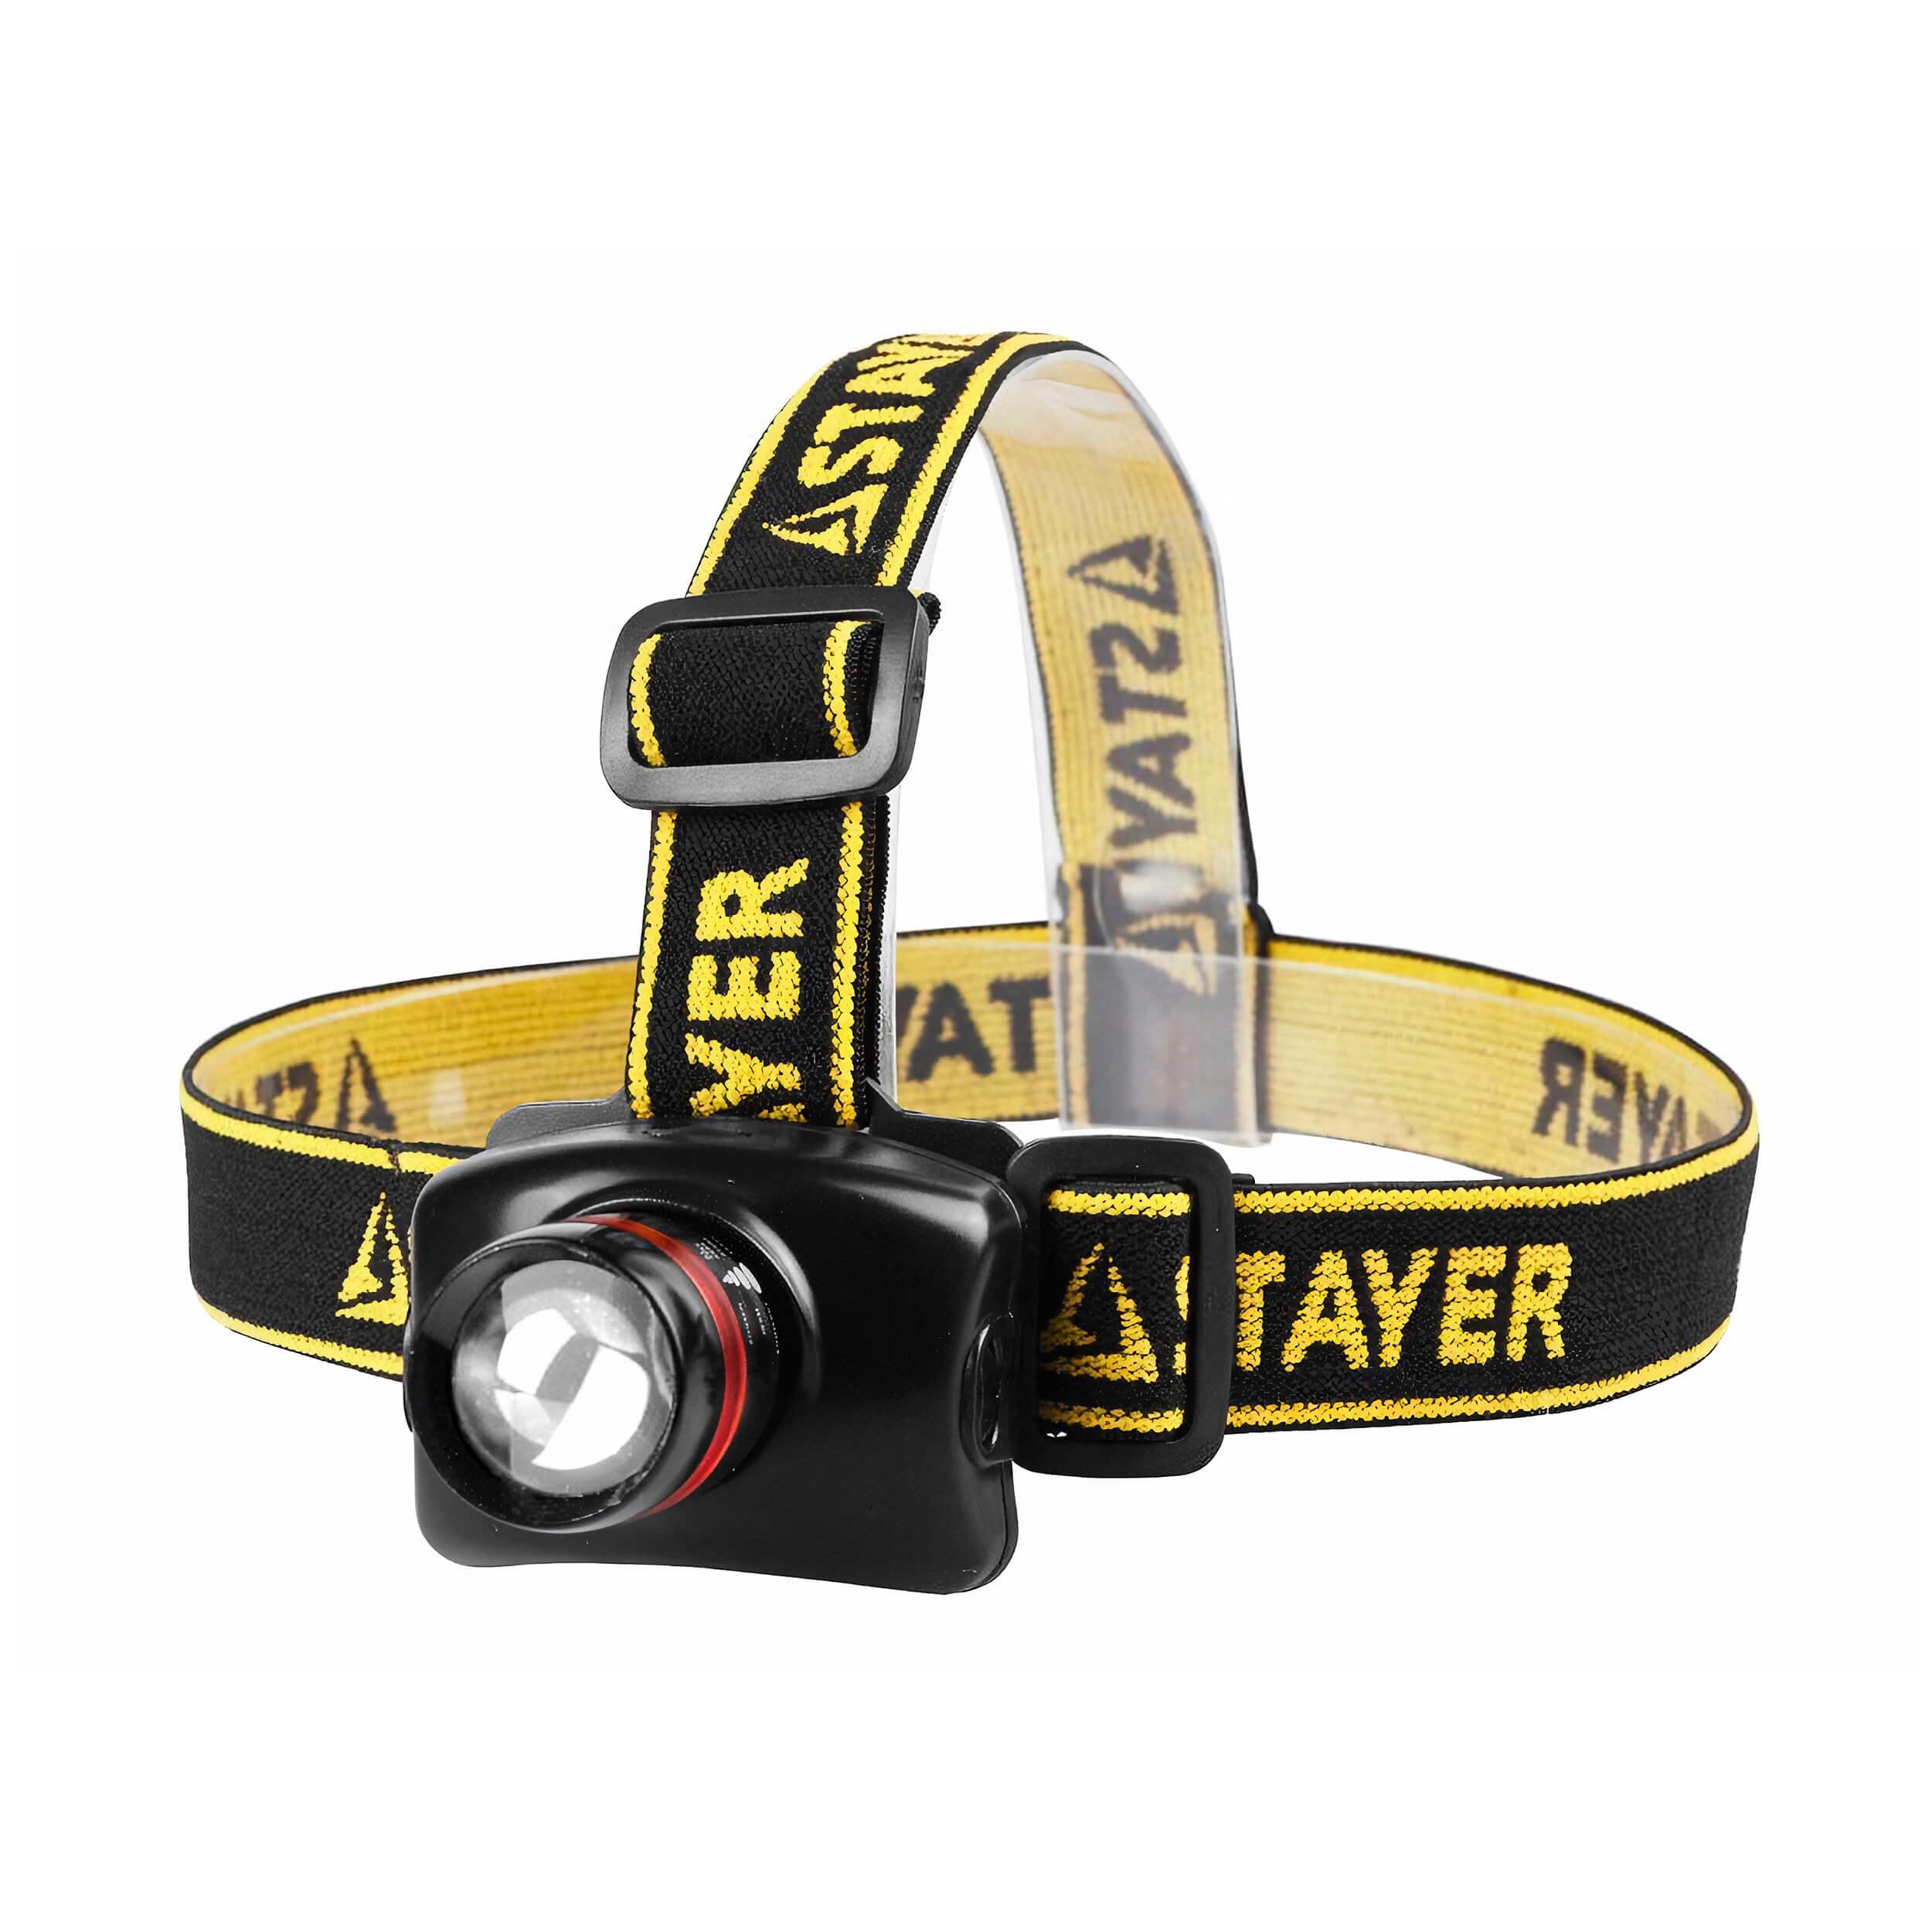 """Фонарь налобный для матководства """"Stayer Pro Light 140"""" (Германия) фото"""